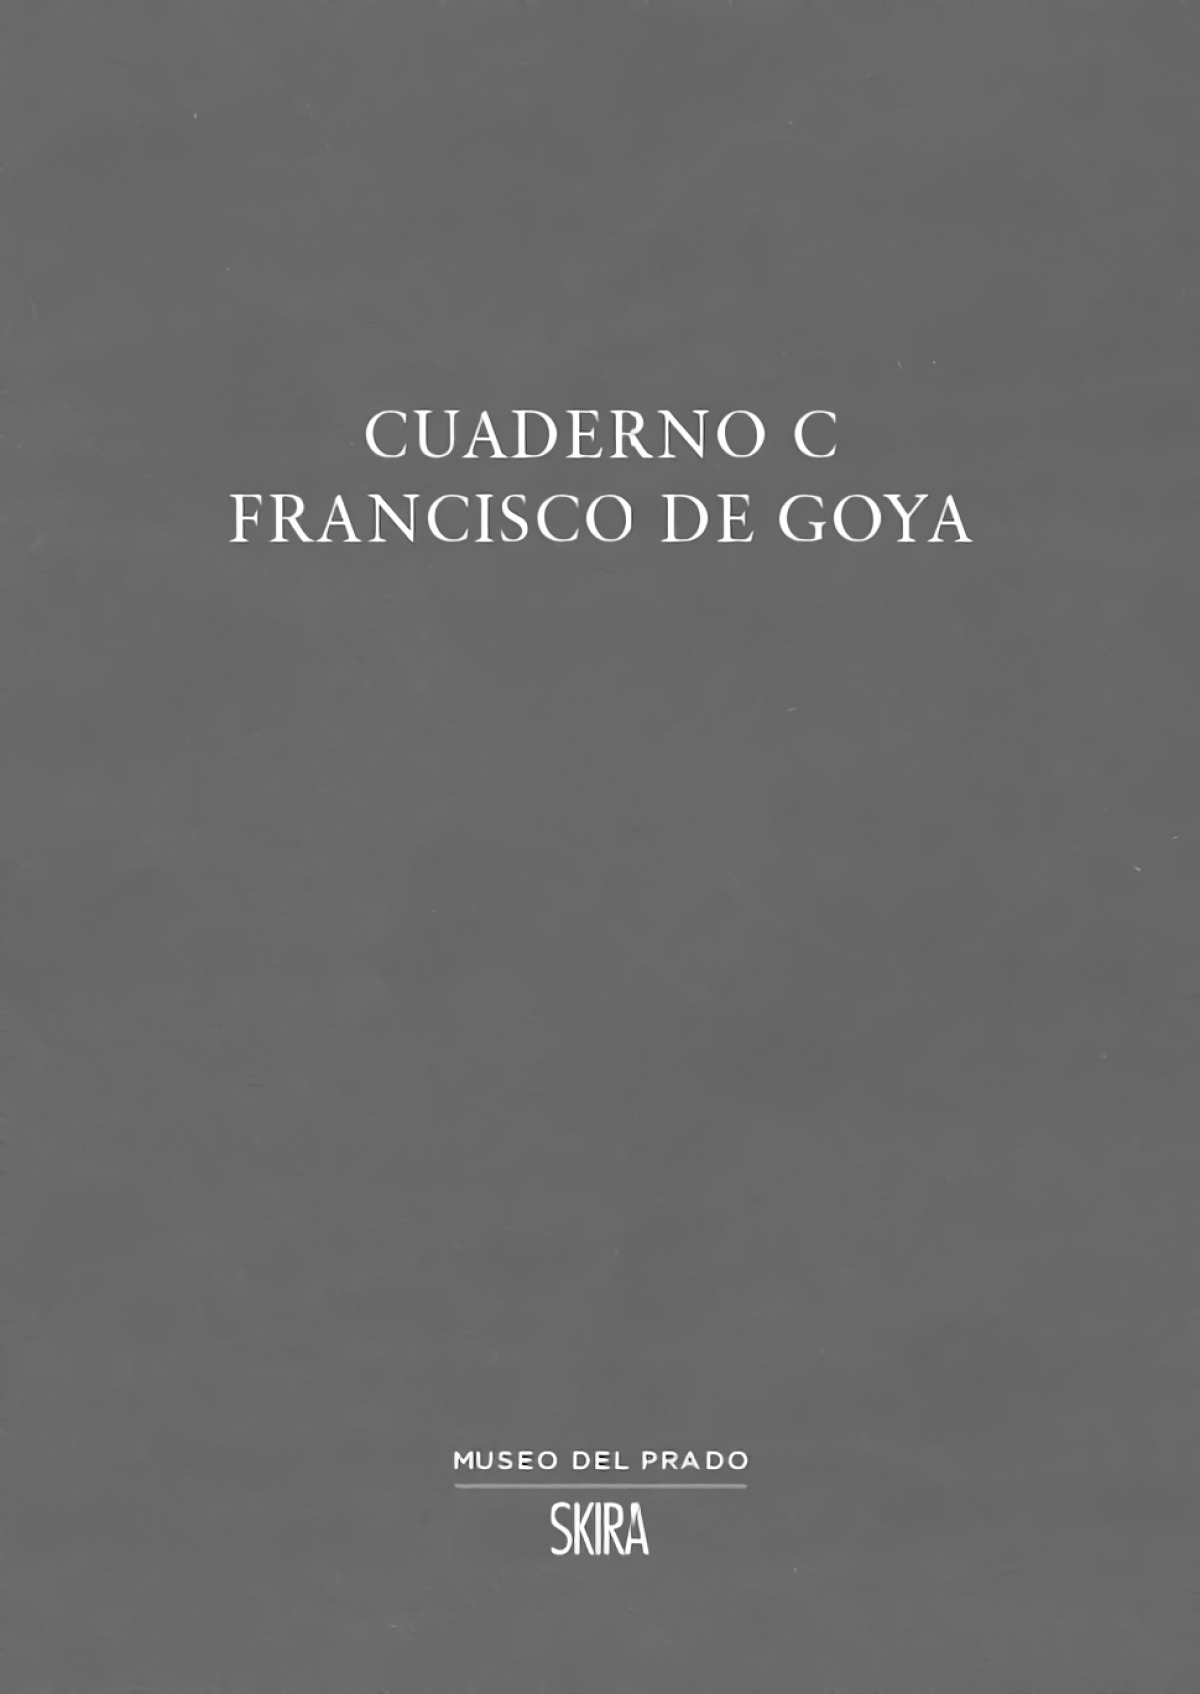 CUADERNO C FRANCISCO DE GOYA